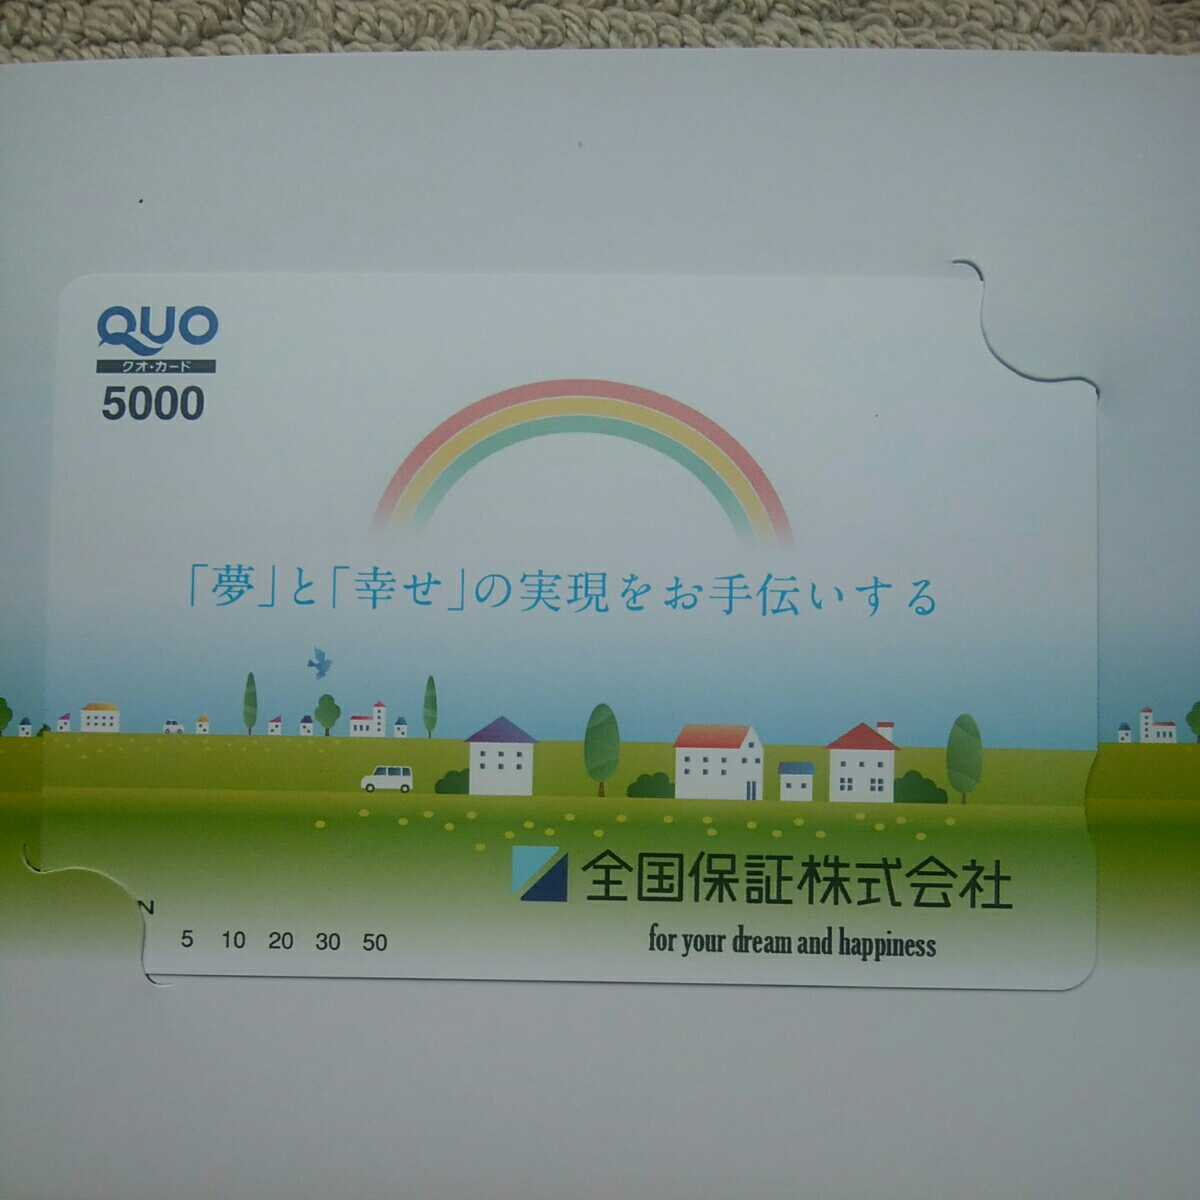 全国保証株式会社のQUOカード未使用品5,000円相当の出品です。_画像2